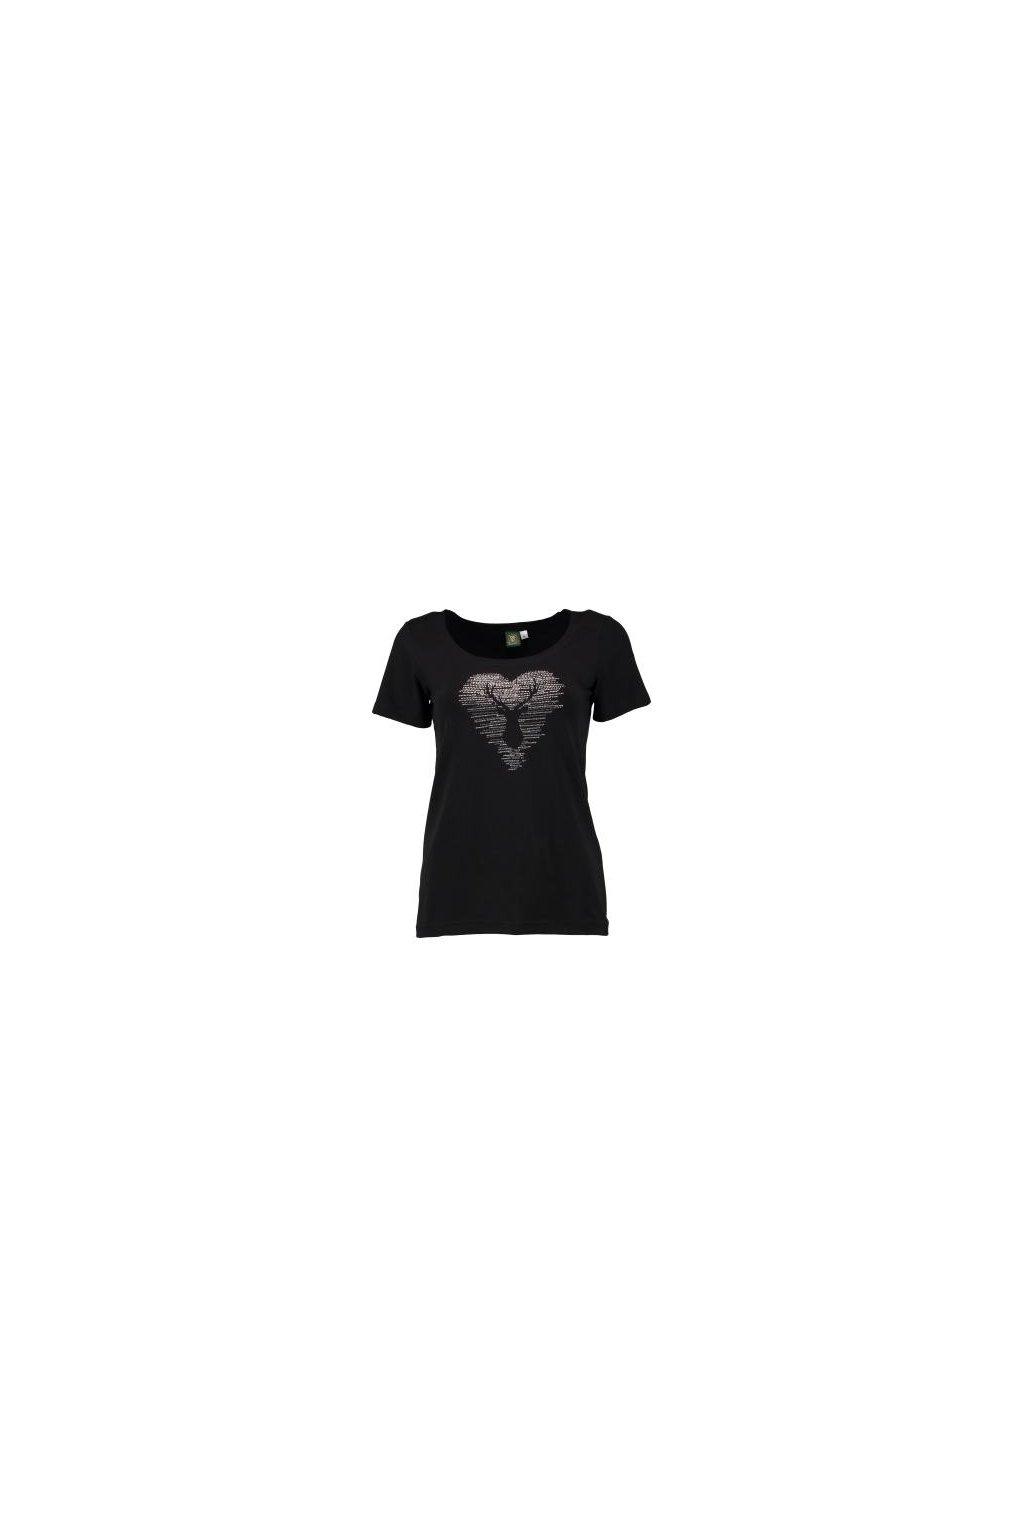 Orbis - tričko dámské černé jelen (2206)